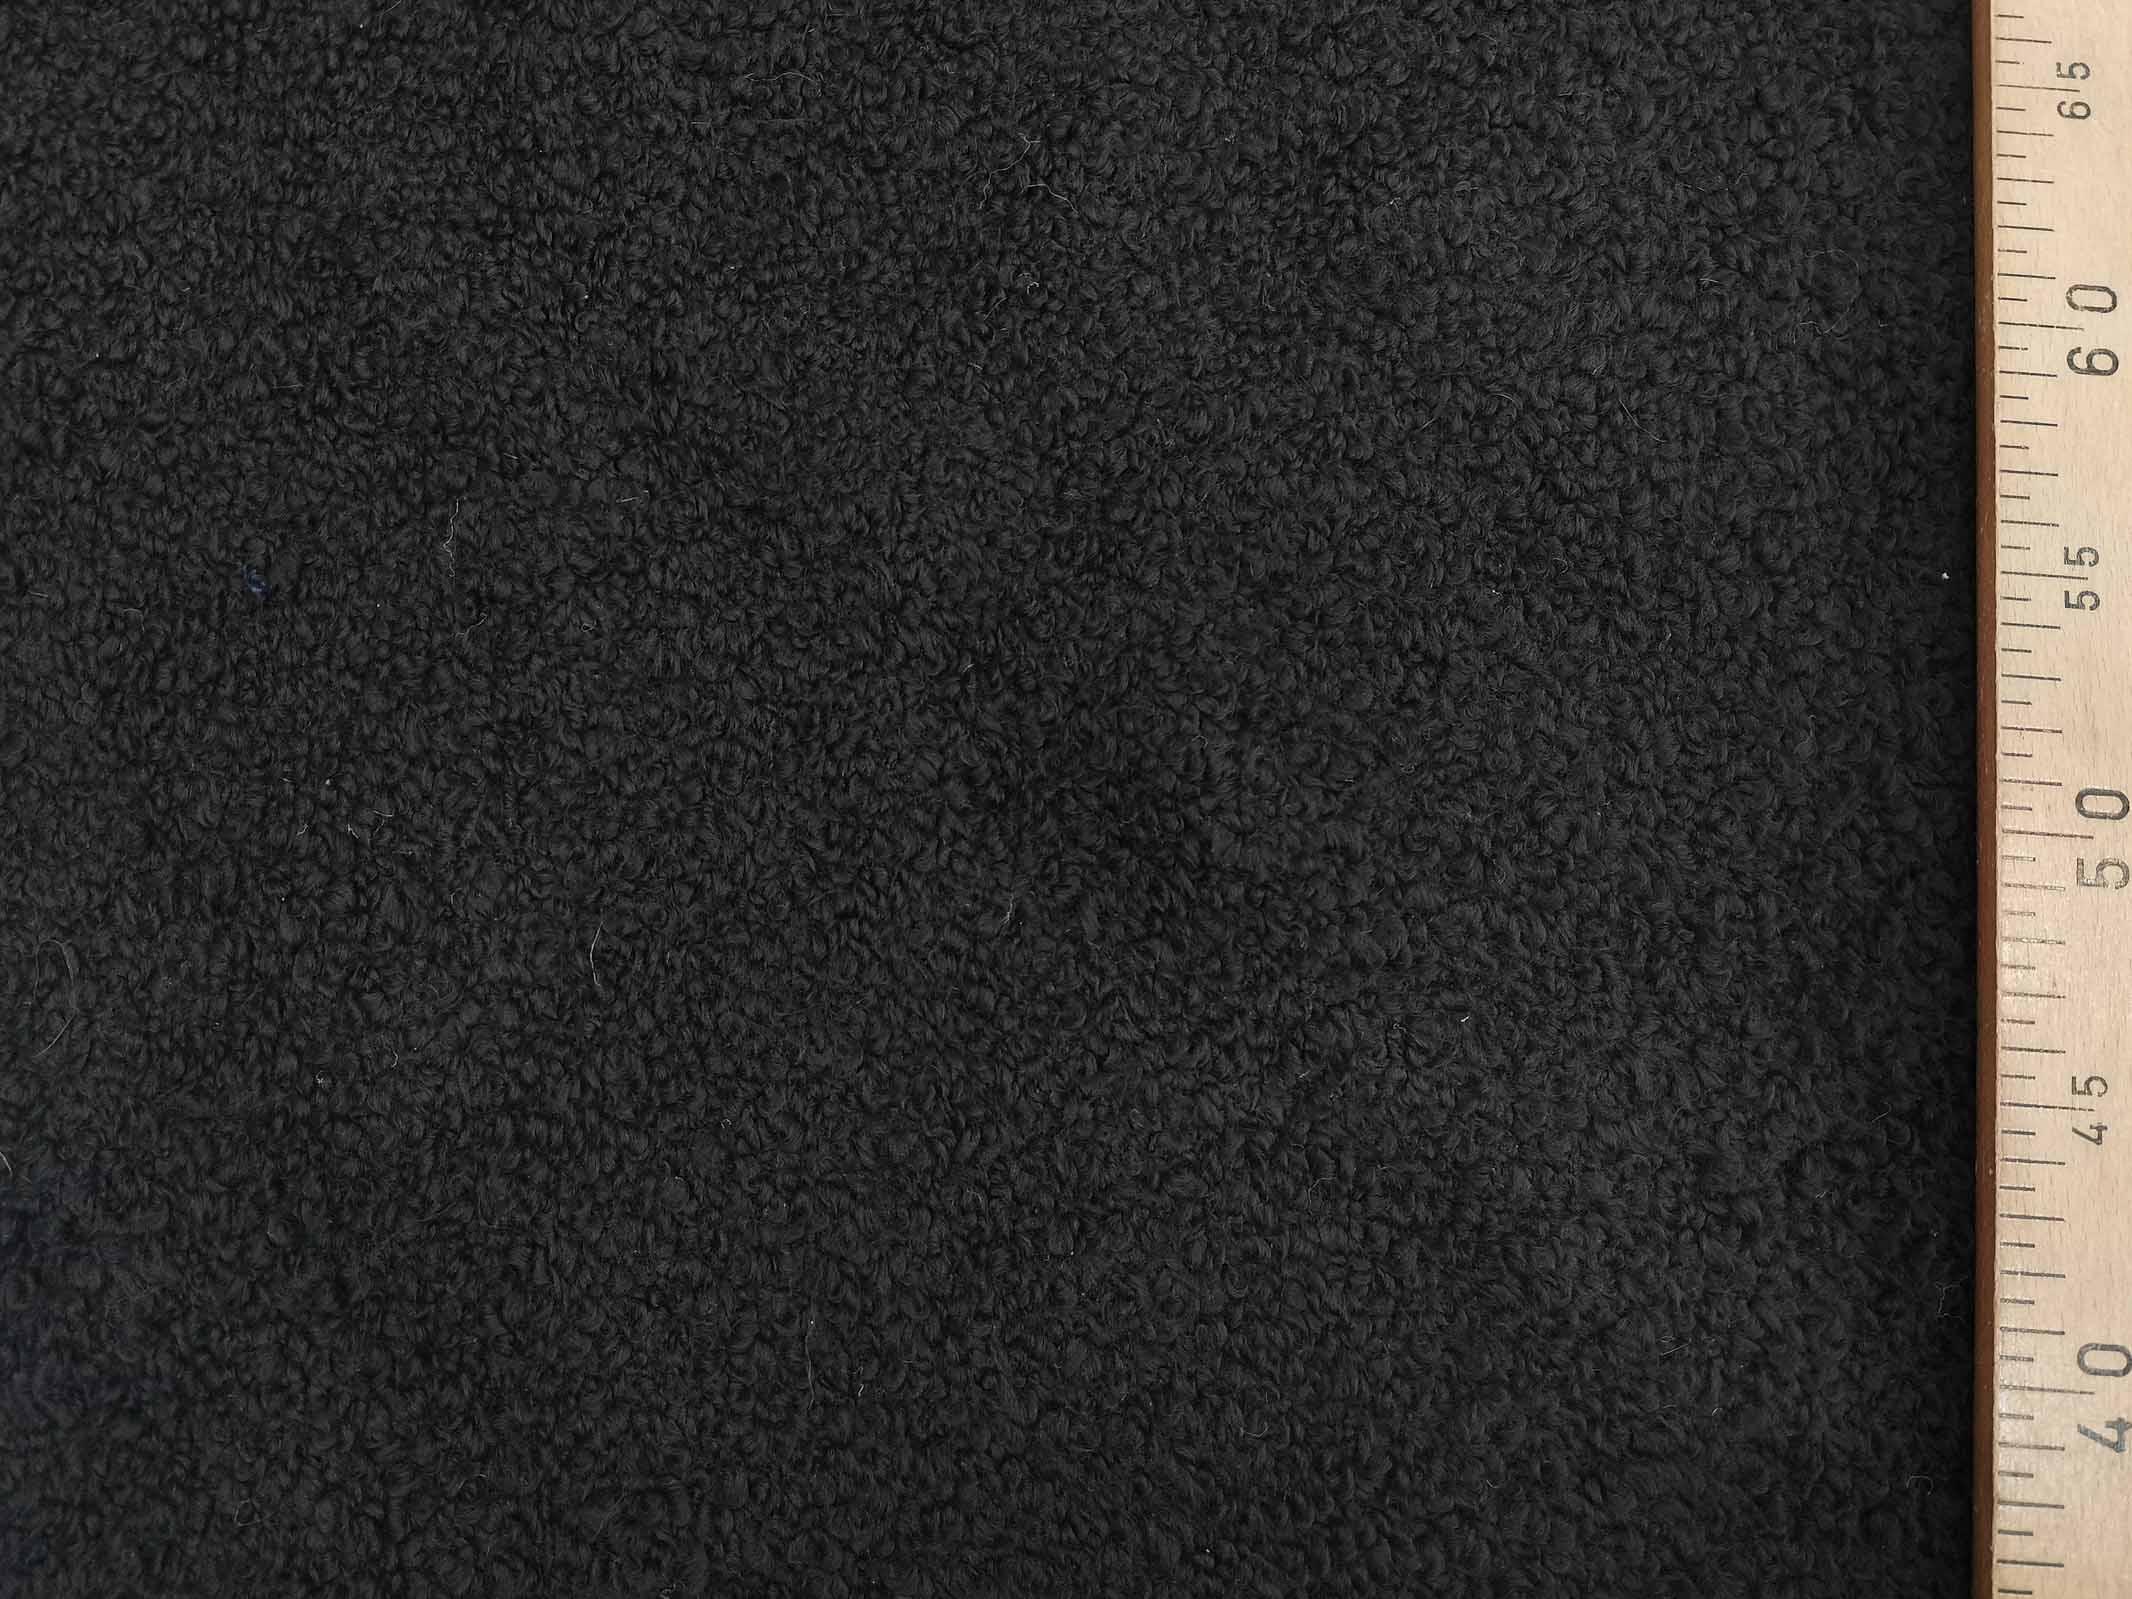 אריג בוקלה שחור